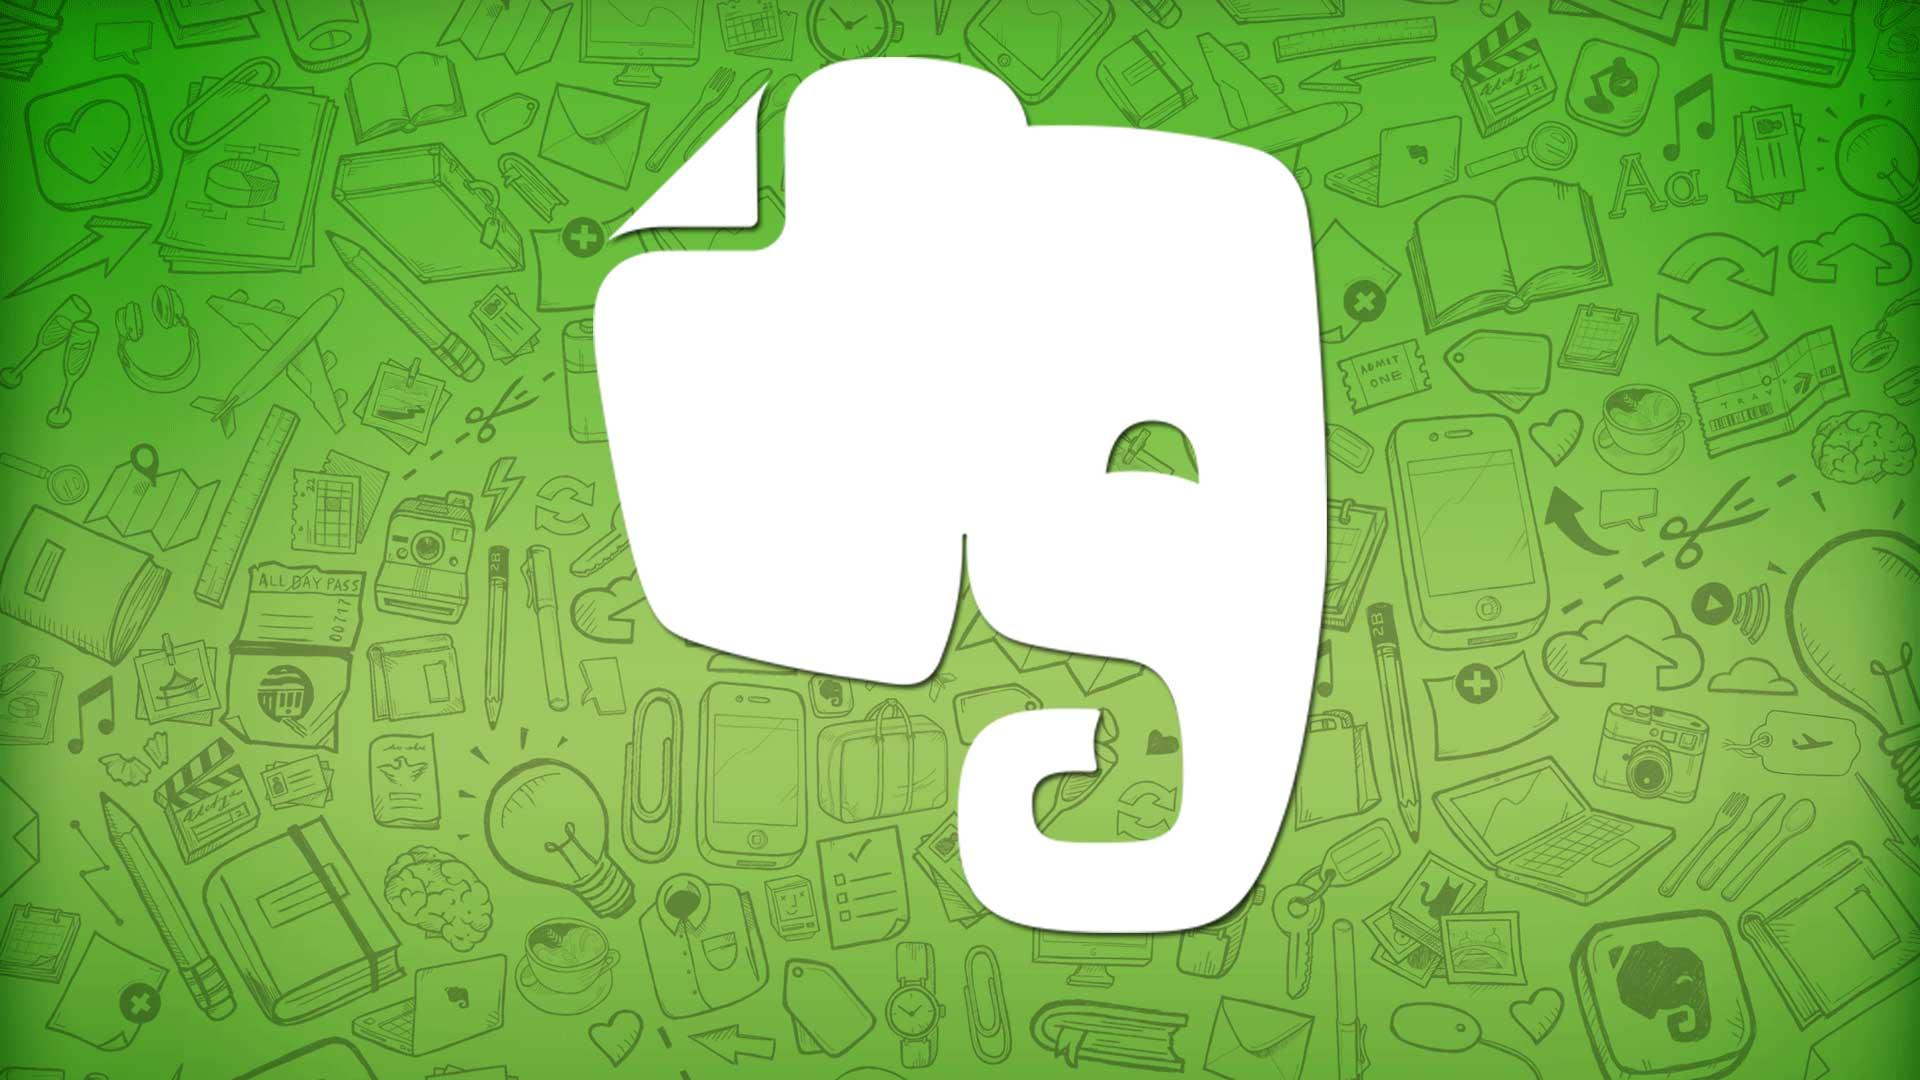 دانلود 7.13.2 Evernote برای اندروید و Ios ؛ بهترین نرمافزار یادداشت برداری